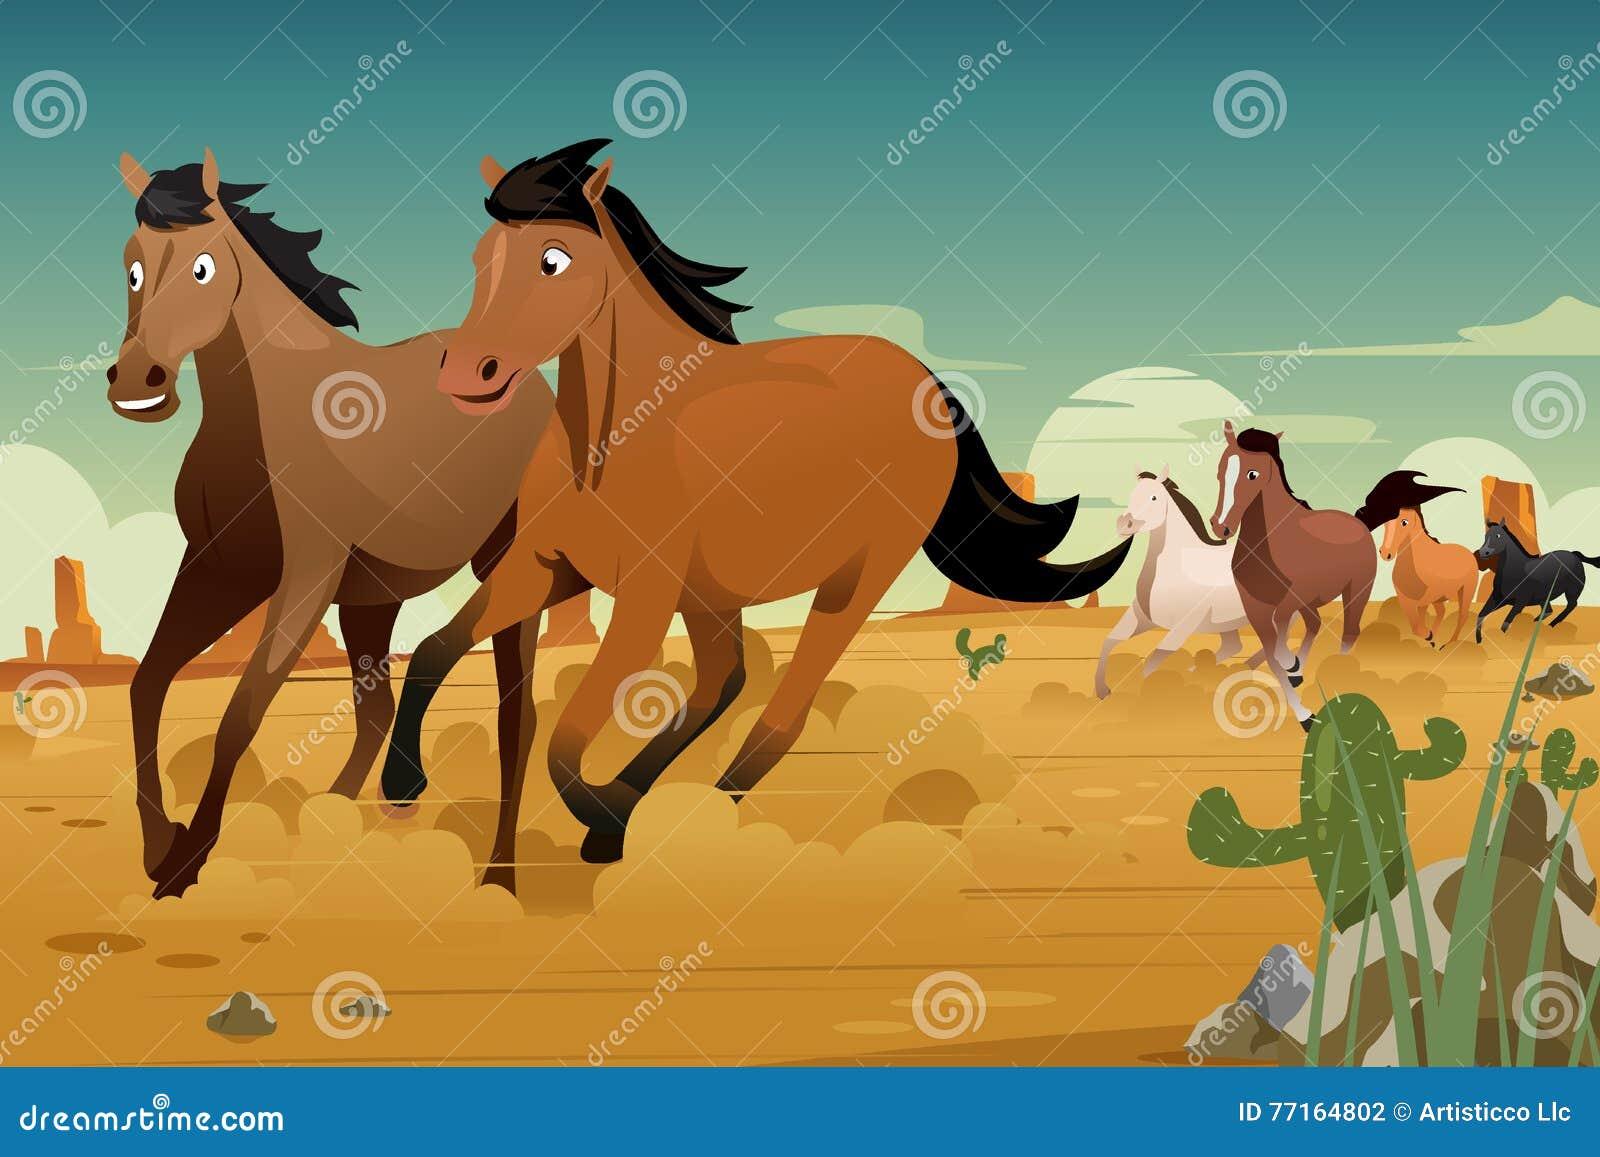 Wild Horses Running on the Desert